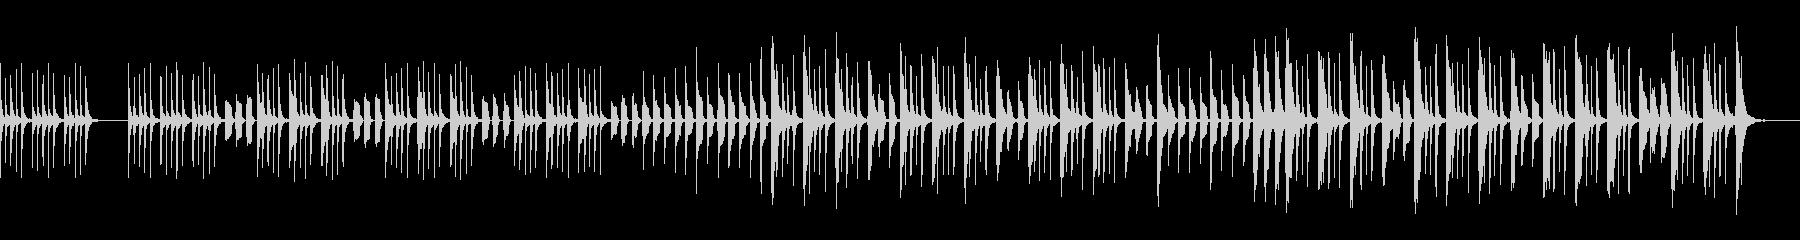 ほのぼのした6/8拍子のマーチの未再生の波形